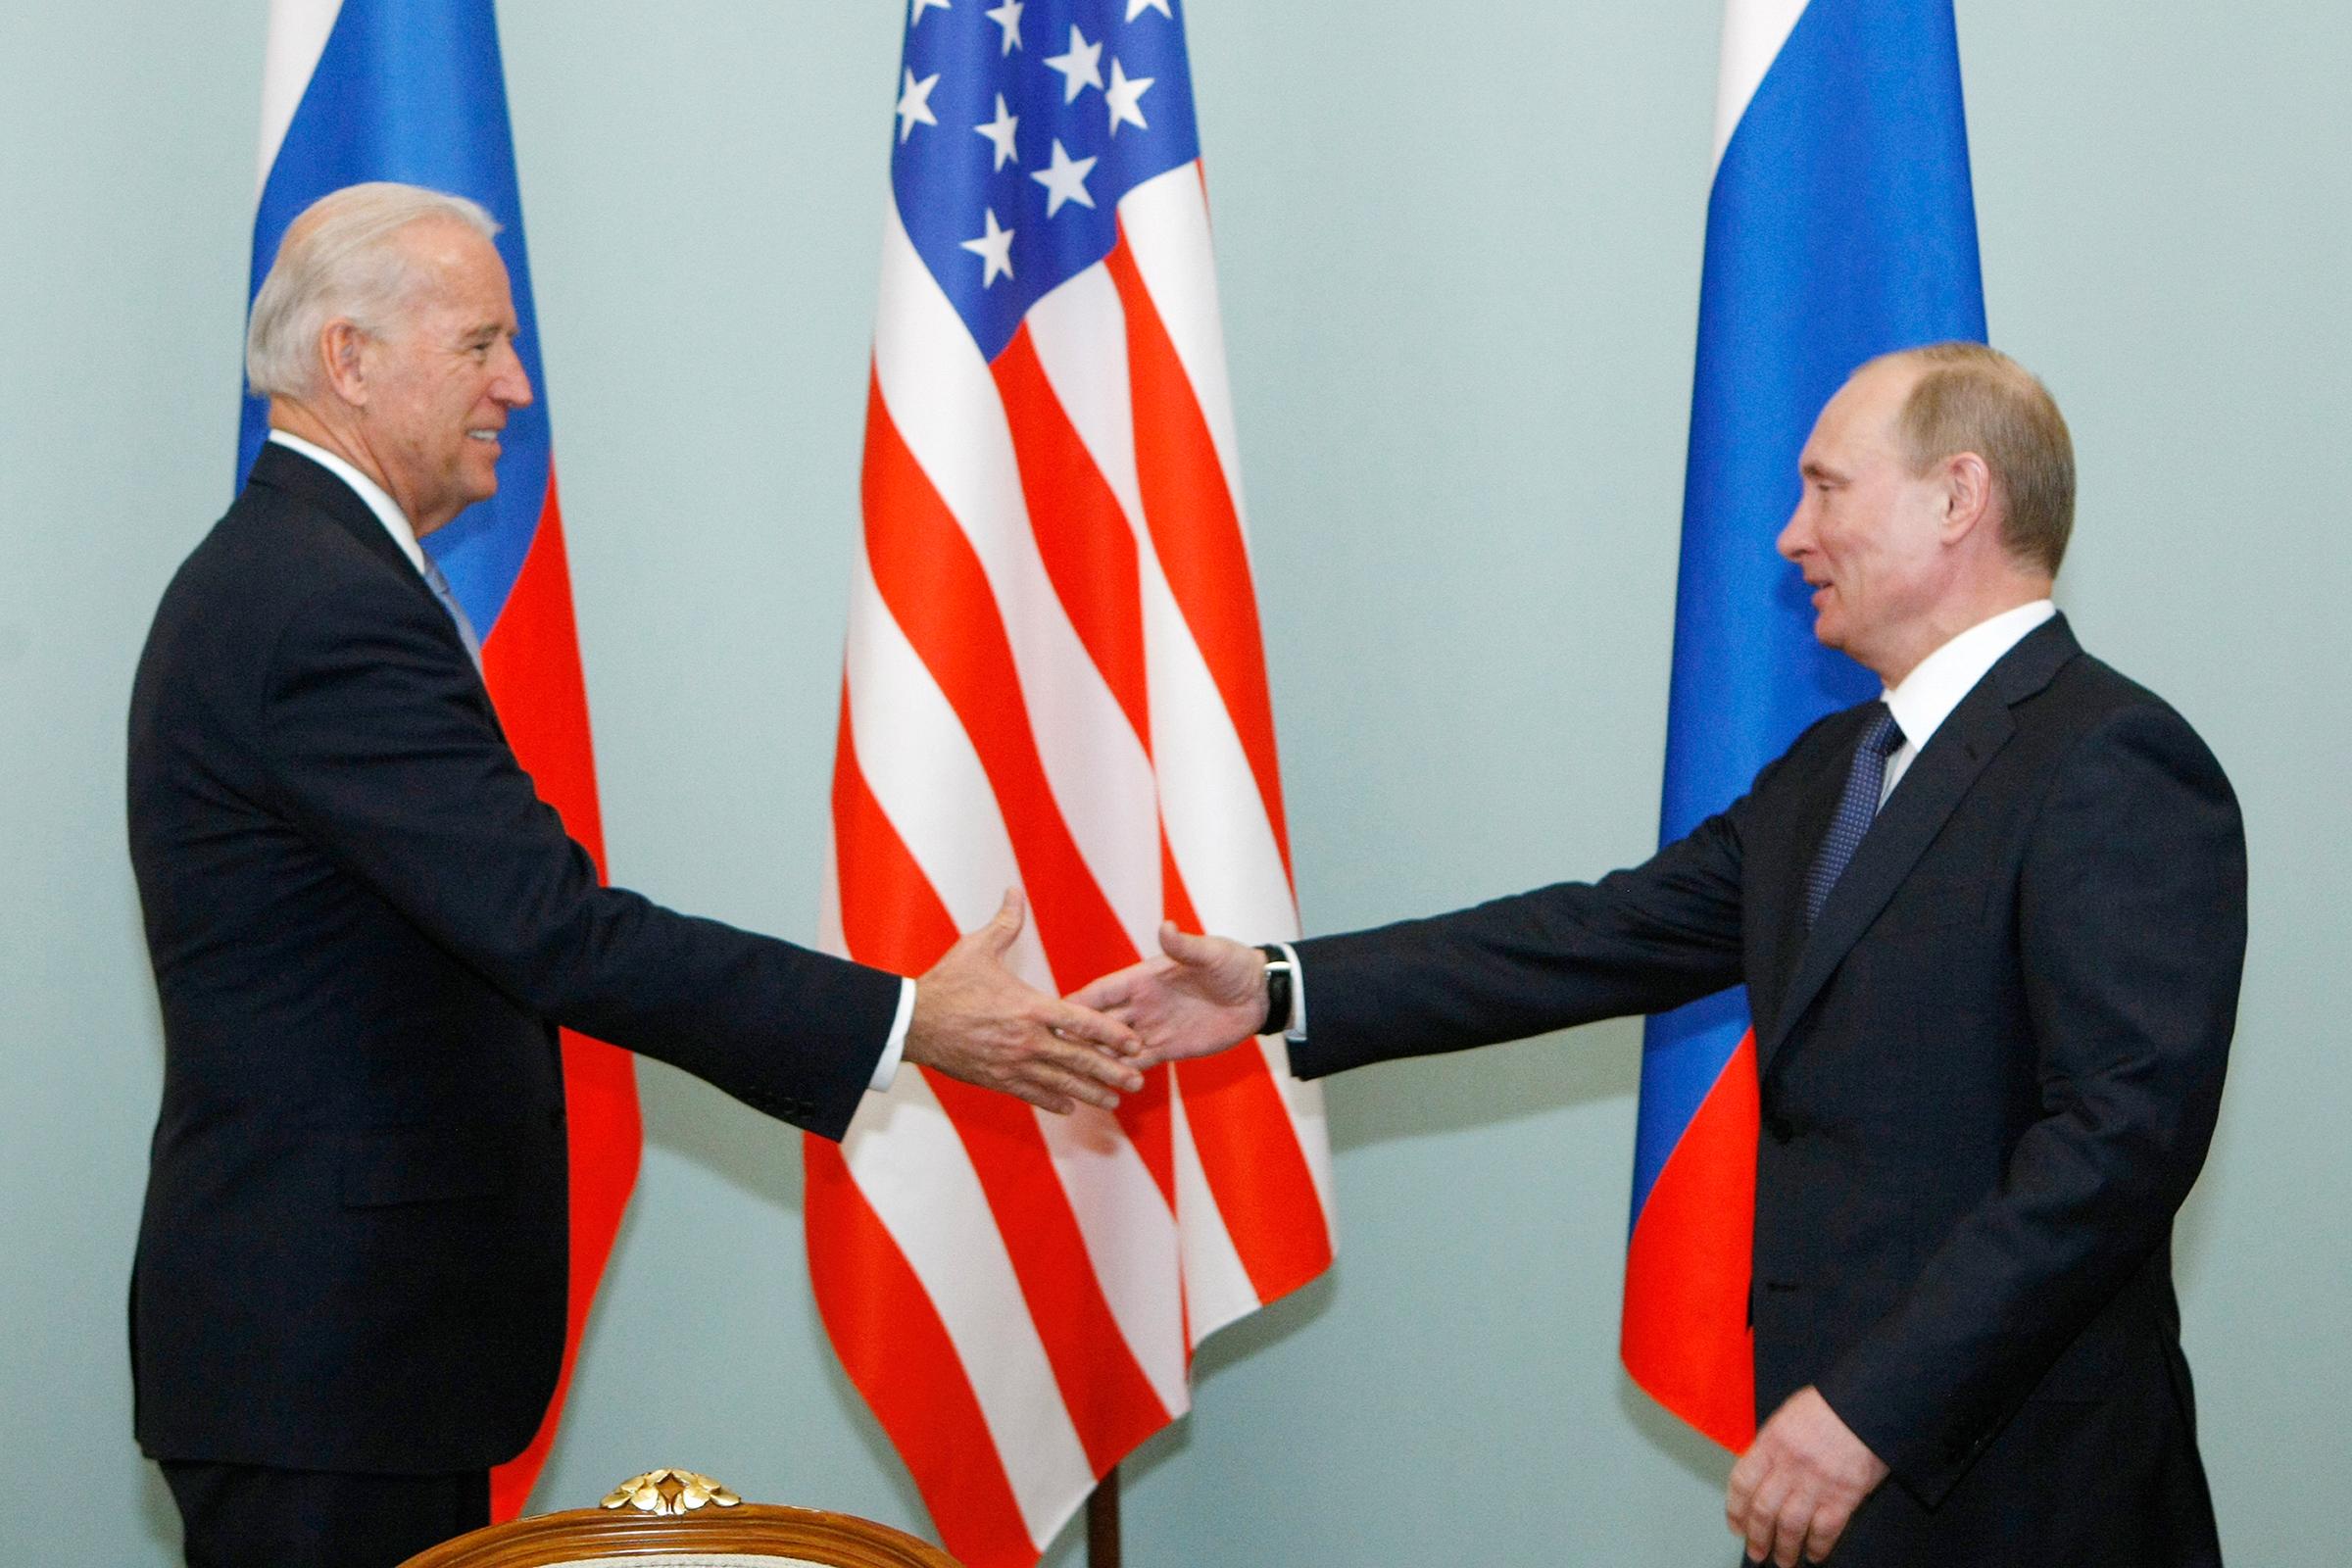 Biden Begins Long, Tense Meeting With Putin